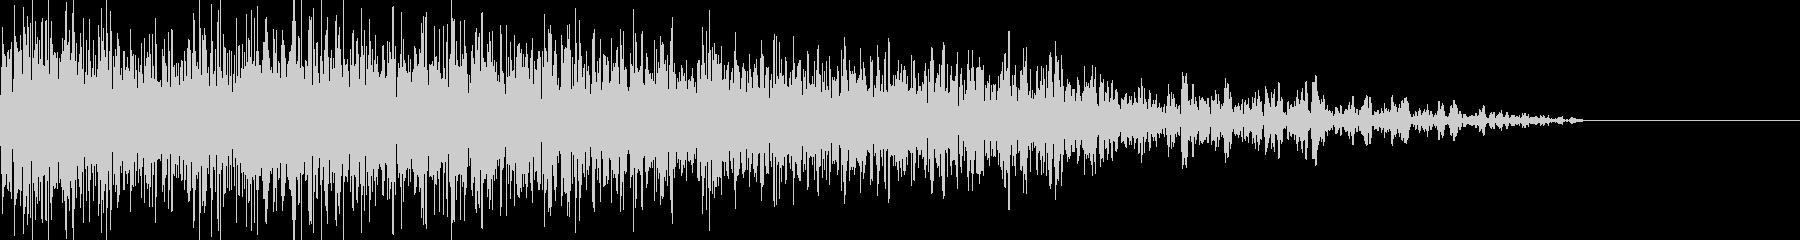 ロボット足音 タイプ13の未再生の波形